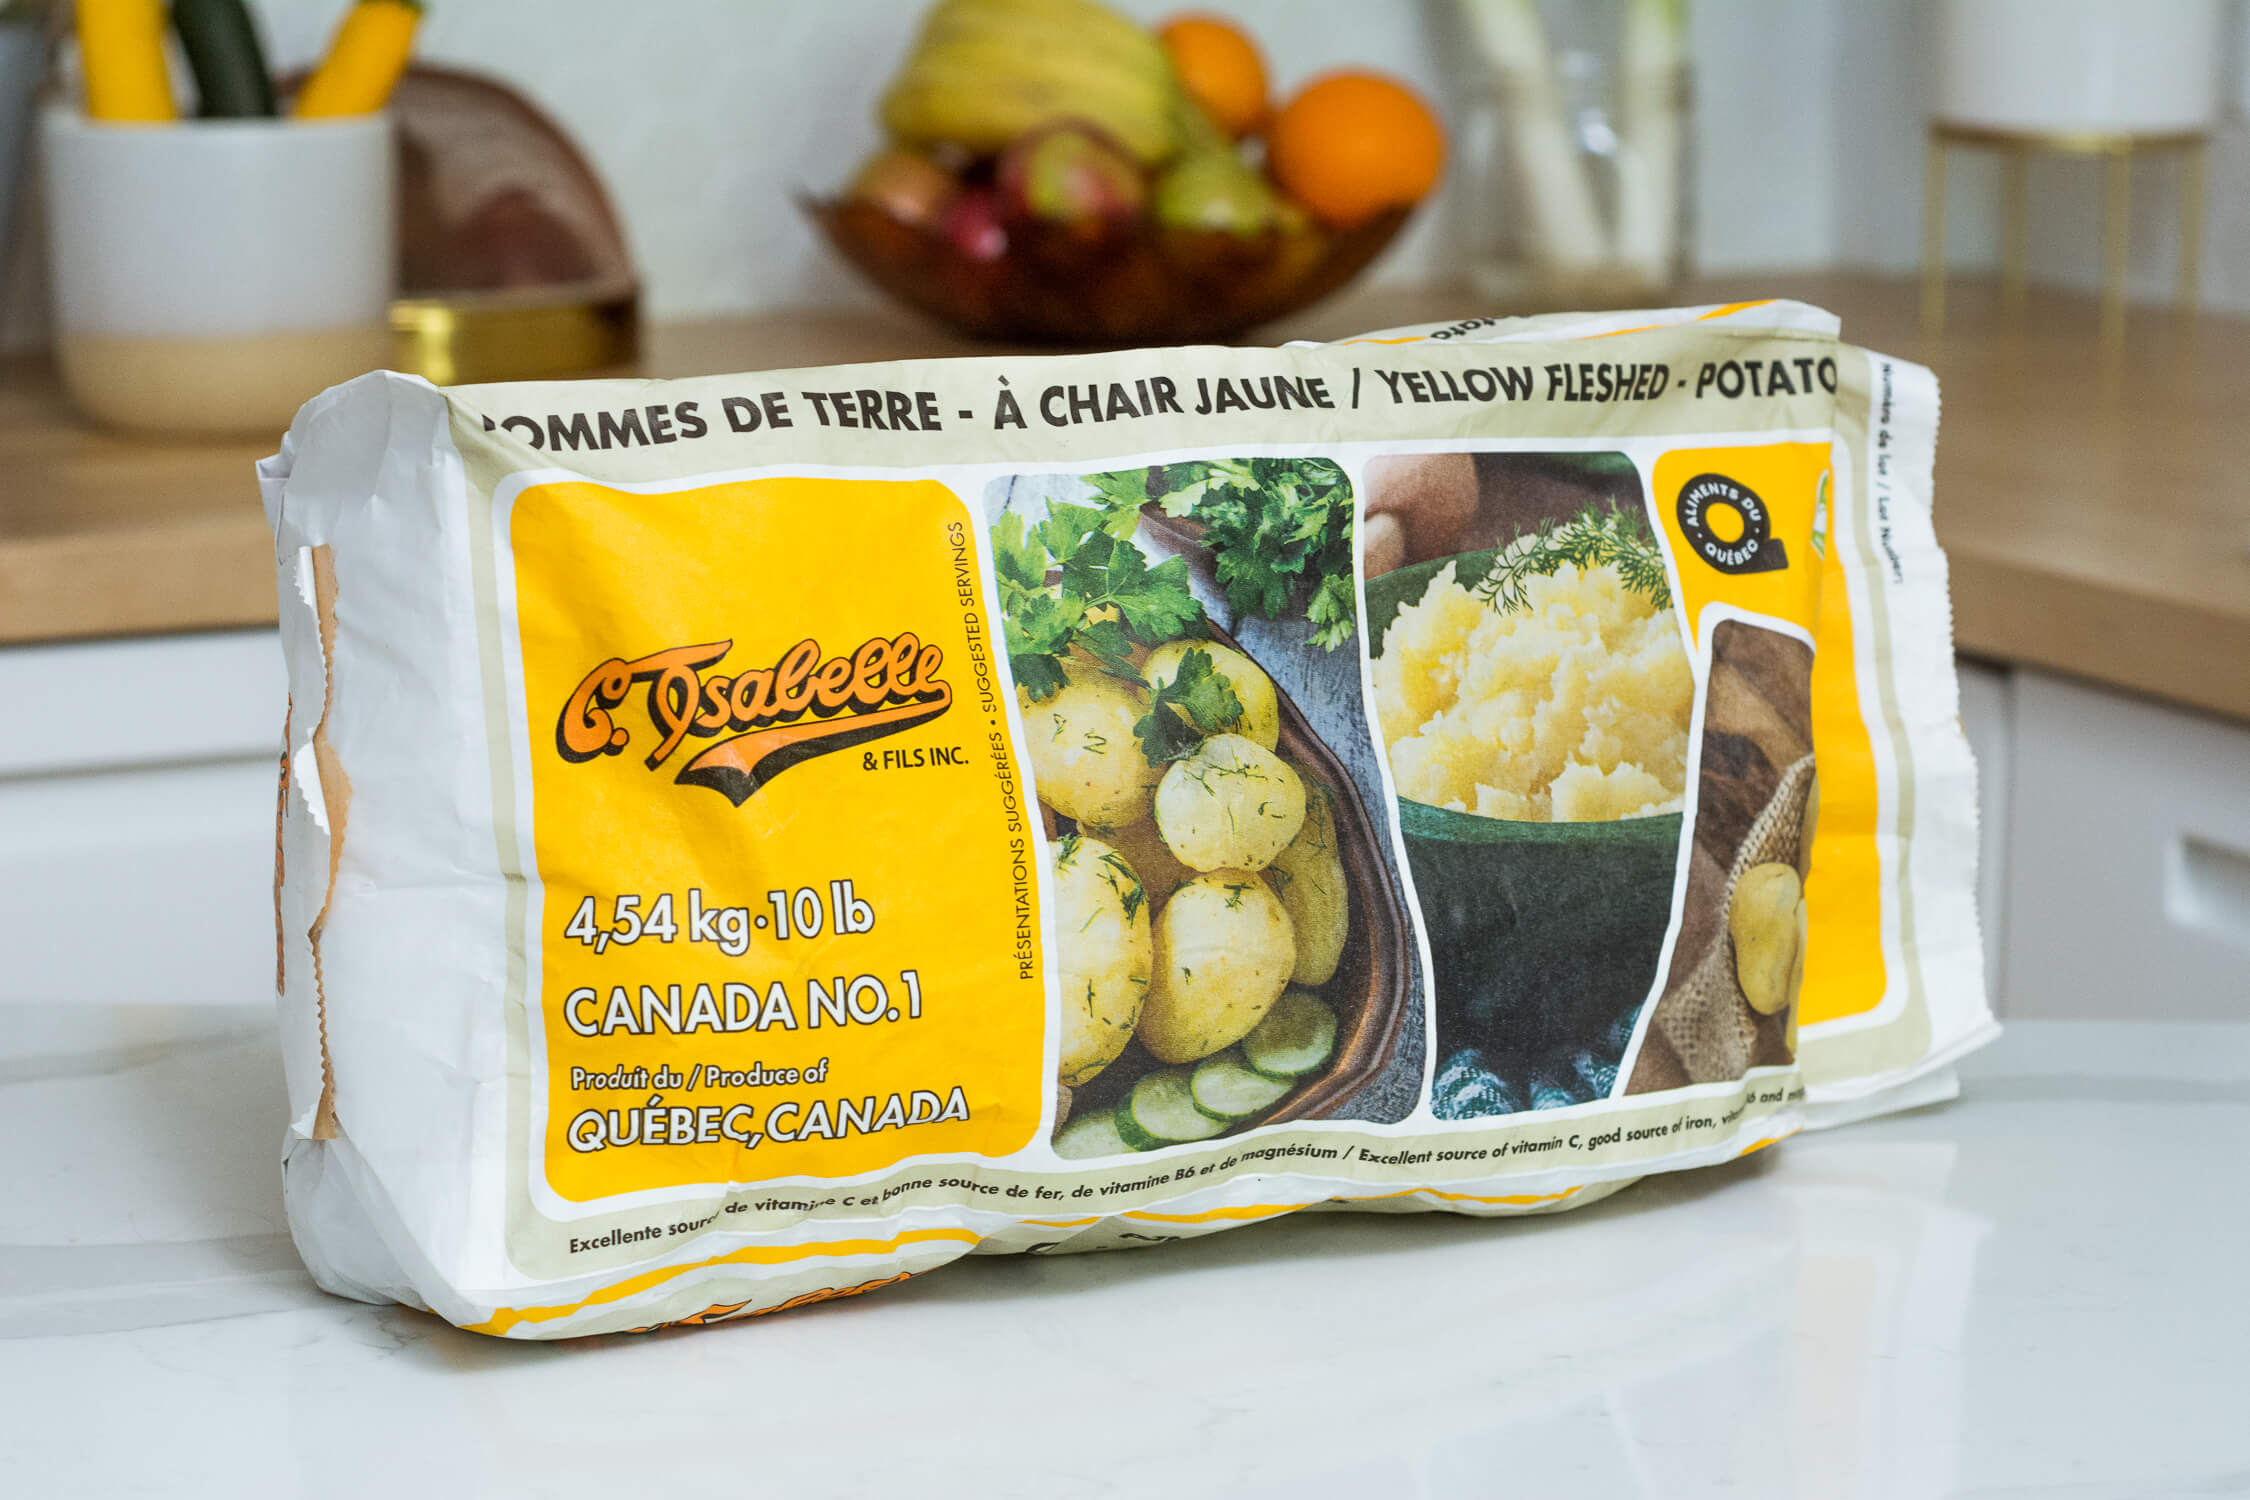 Sac de pommes de terre de C. Isabelle et fils Inc.